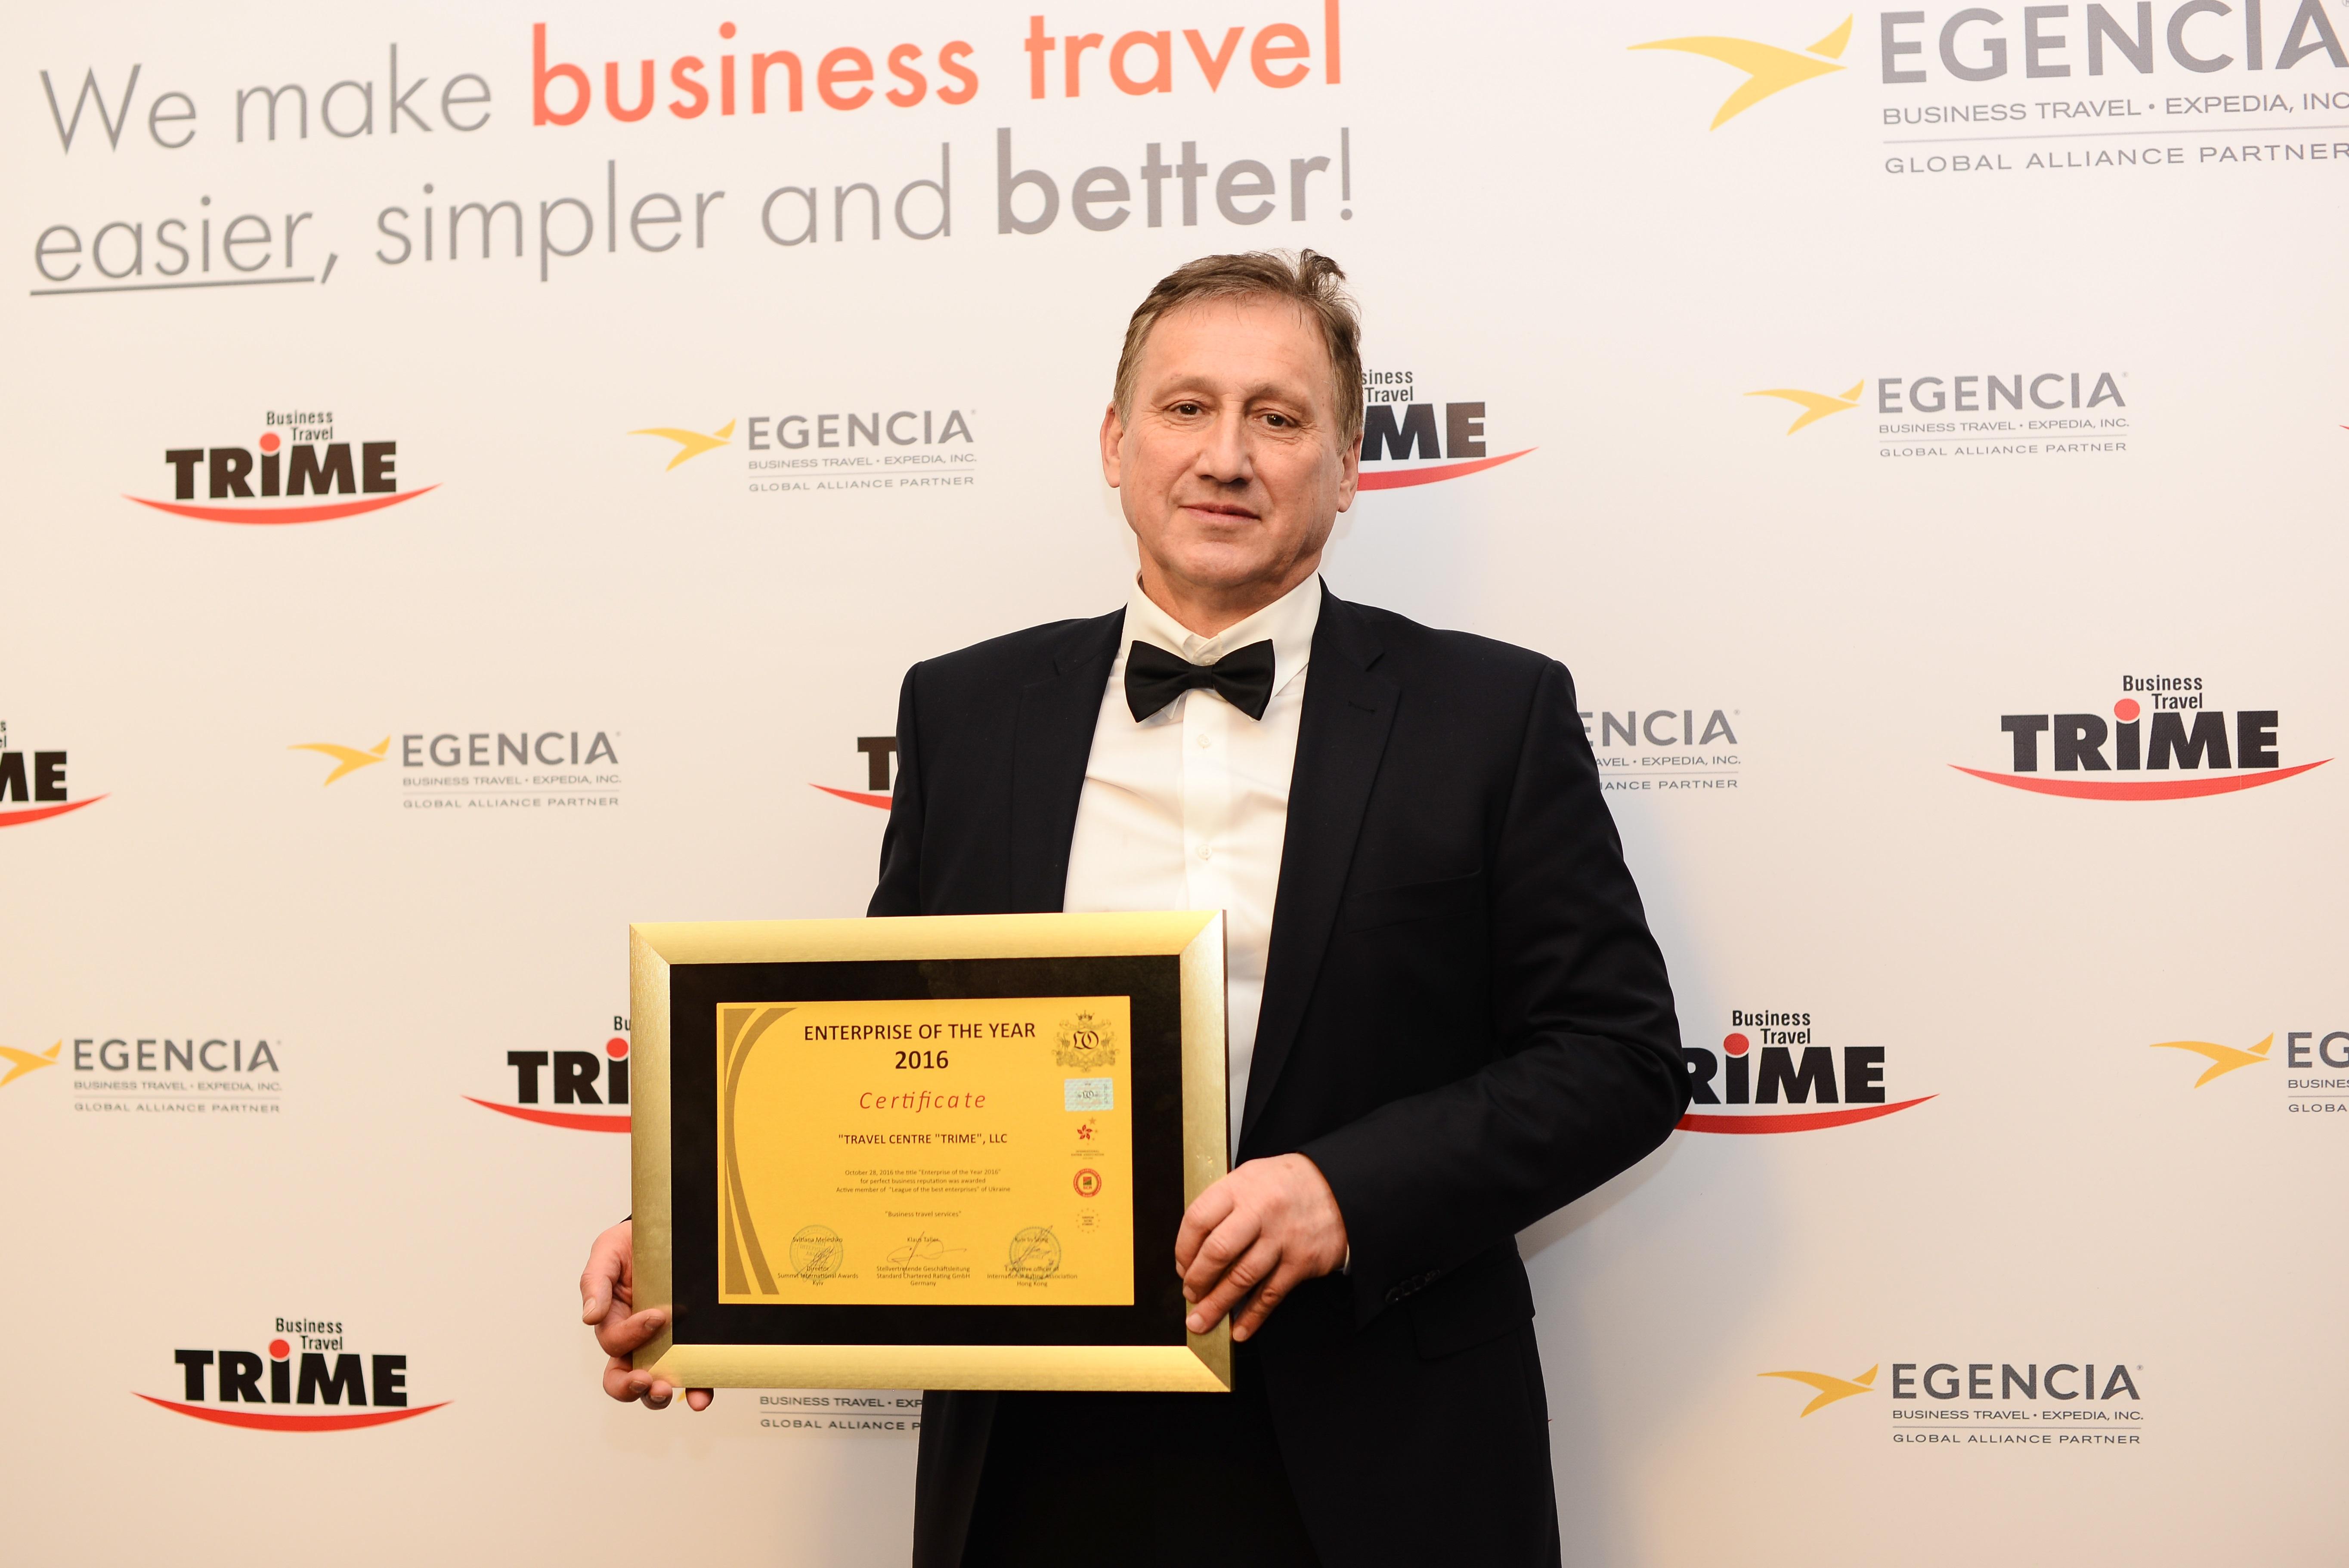 10-та річниця бізнес-туристичної компанії ТРАЙМ відбулася із урочистою церемонією нагородження: ТОВ «Тревел Центр «ТРАЙМ» – «Підприємство року 2016»